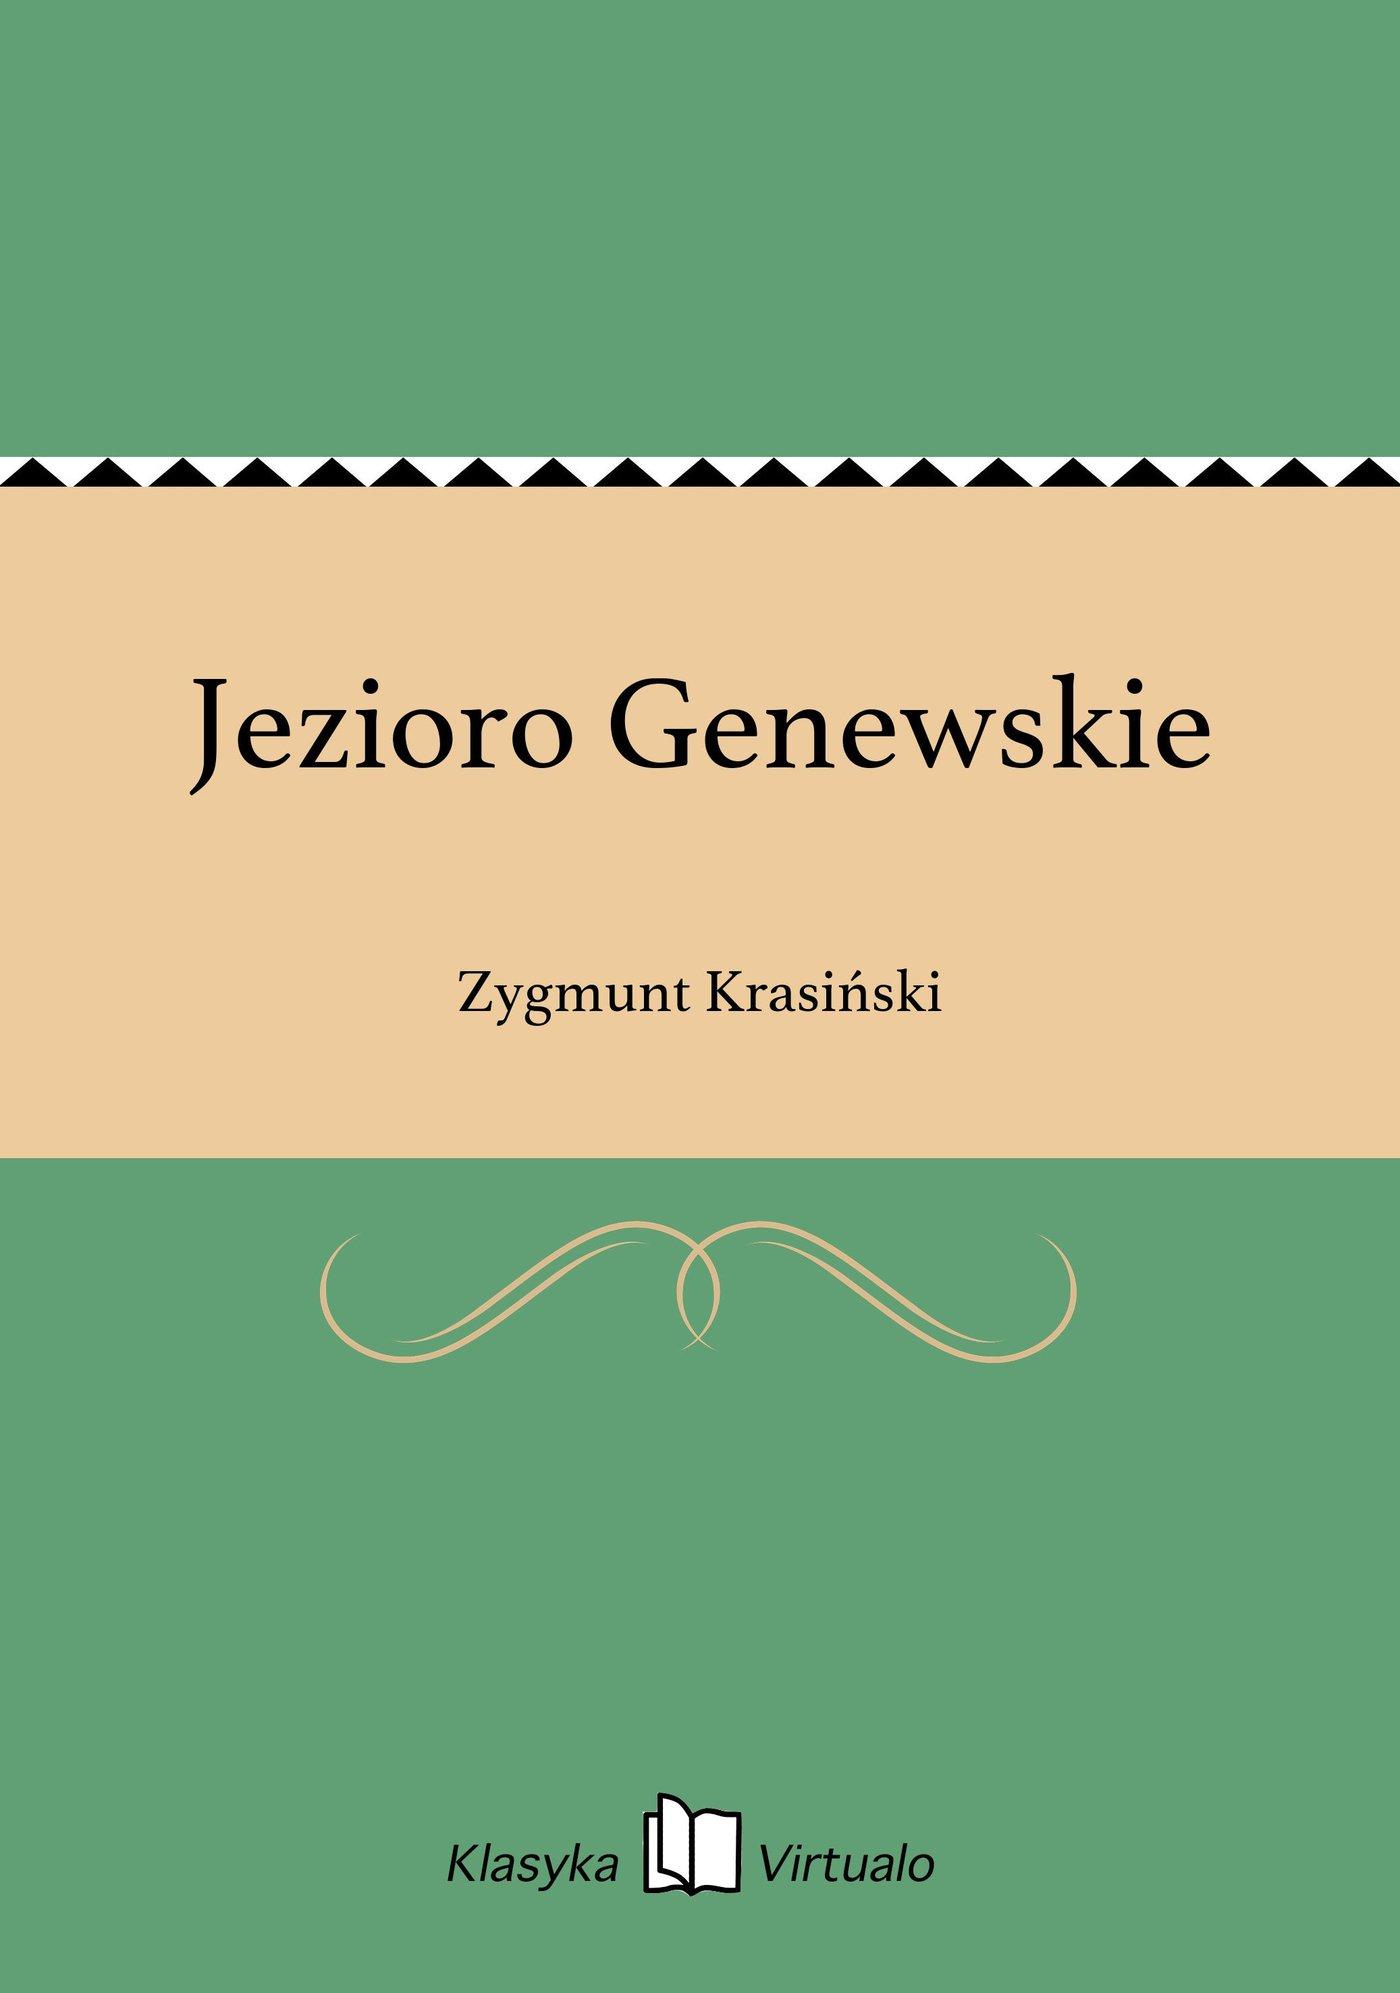 Jezioro Genewskie - Ebook (Książka EPUB) do pobrania w formacie EPUB